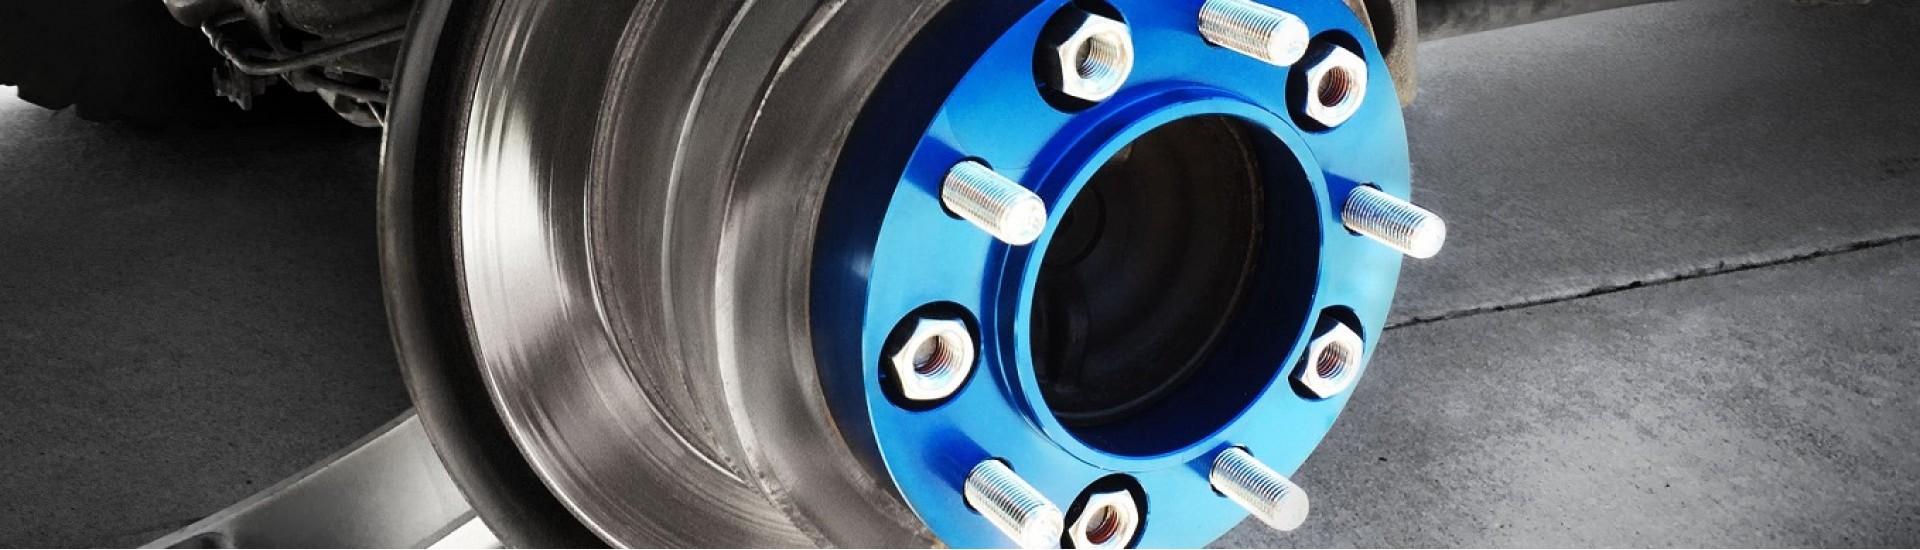 اسپیسر چرخ ، قیمت اسپیسر چرخ ، wheel spacers